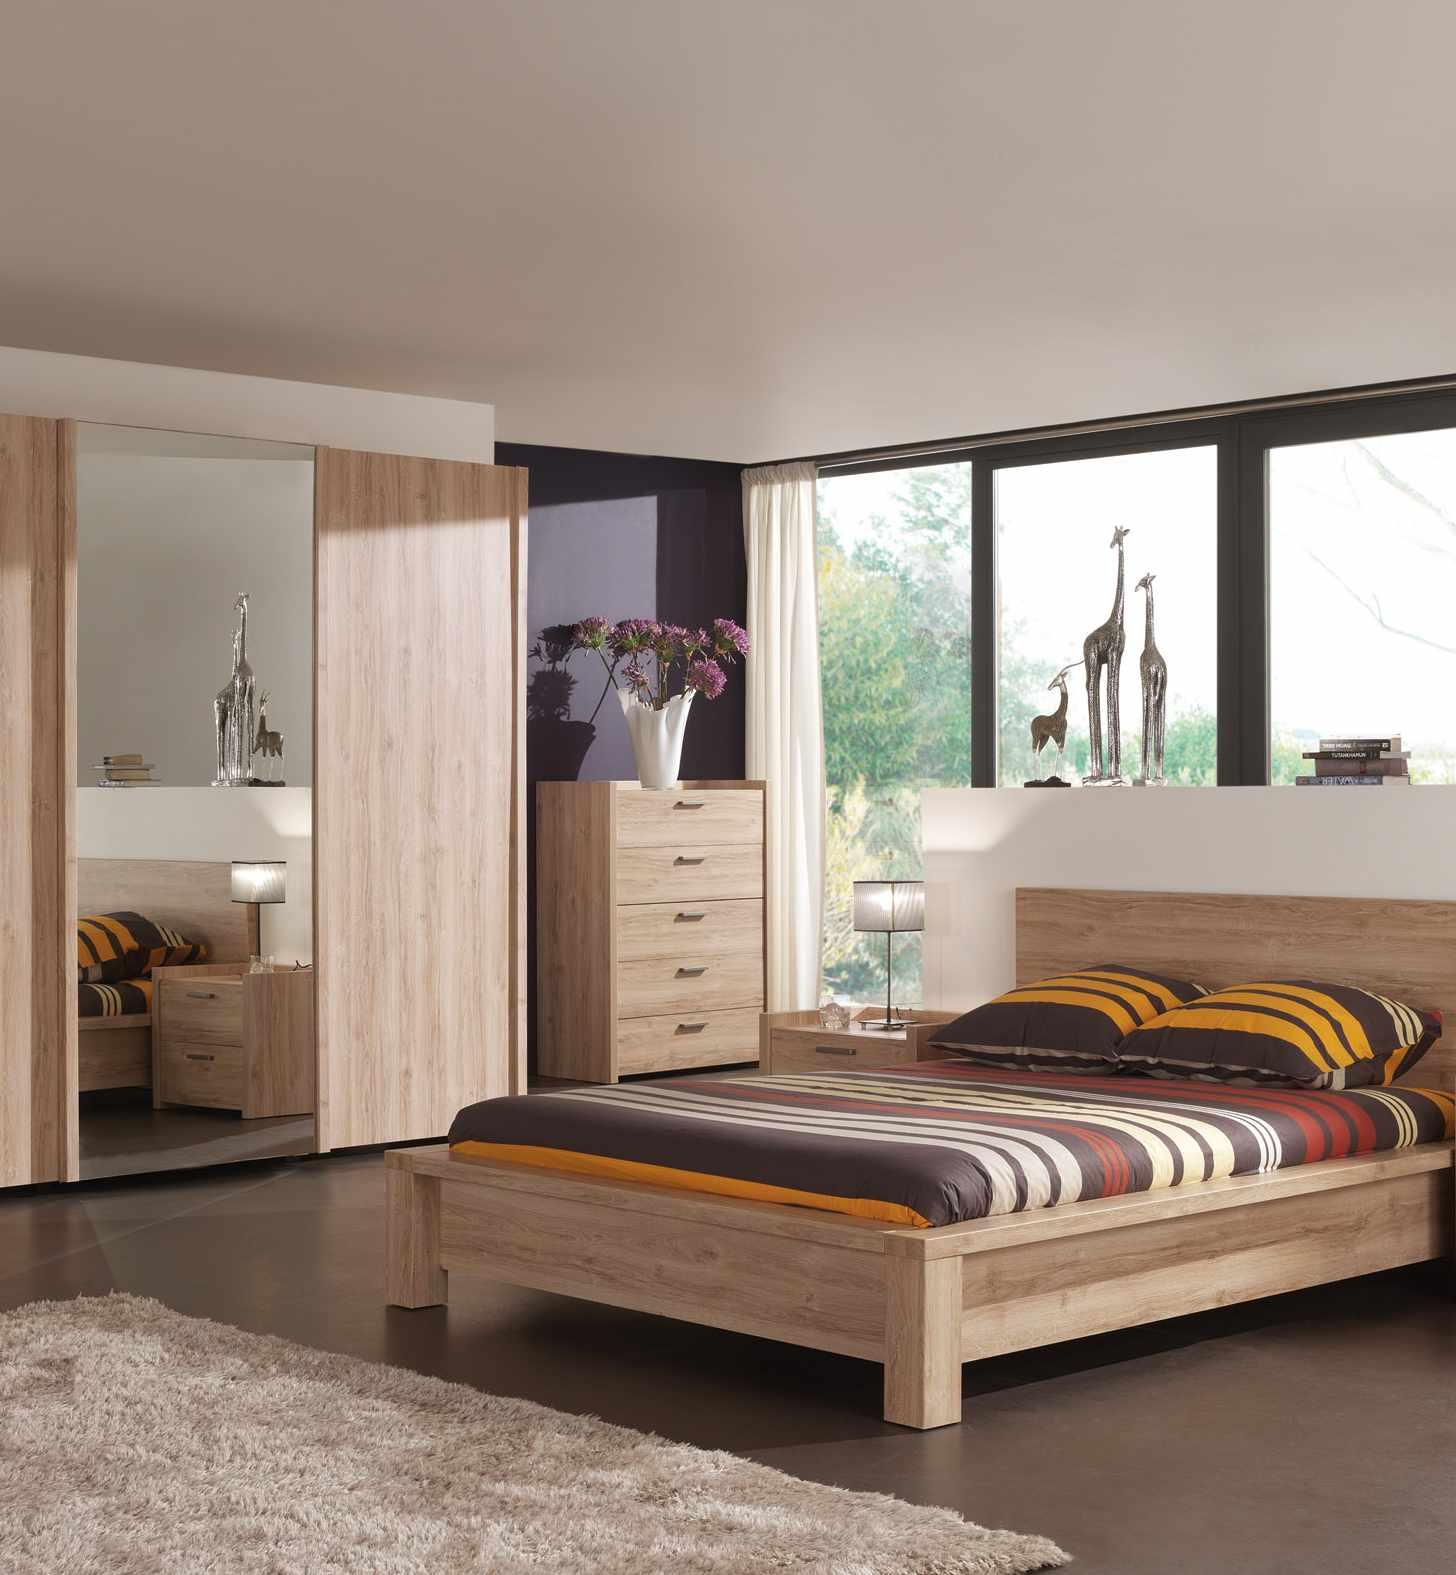 Commode 5 tiroirs contemporaine chêne clair Florine